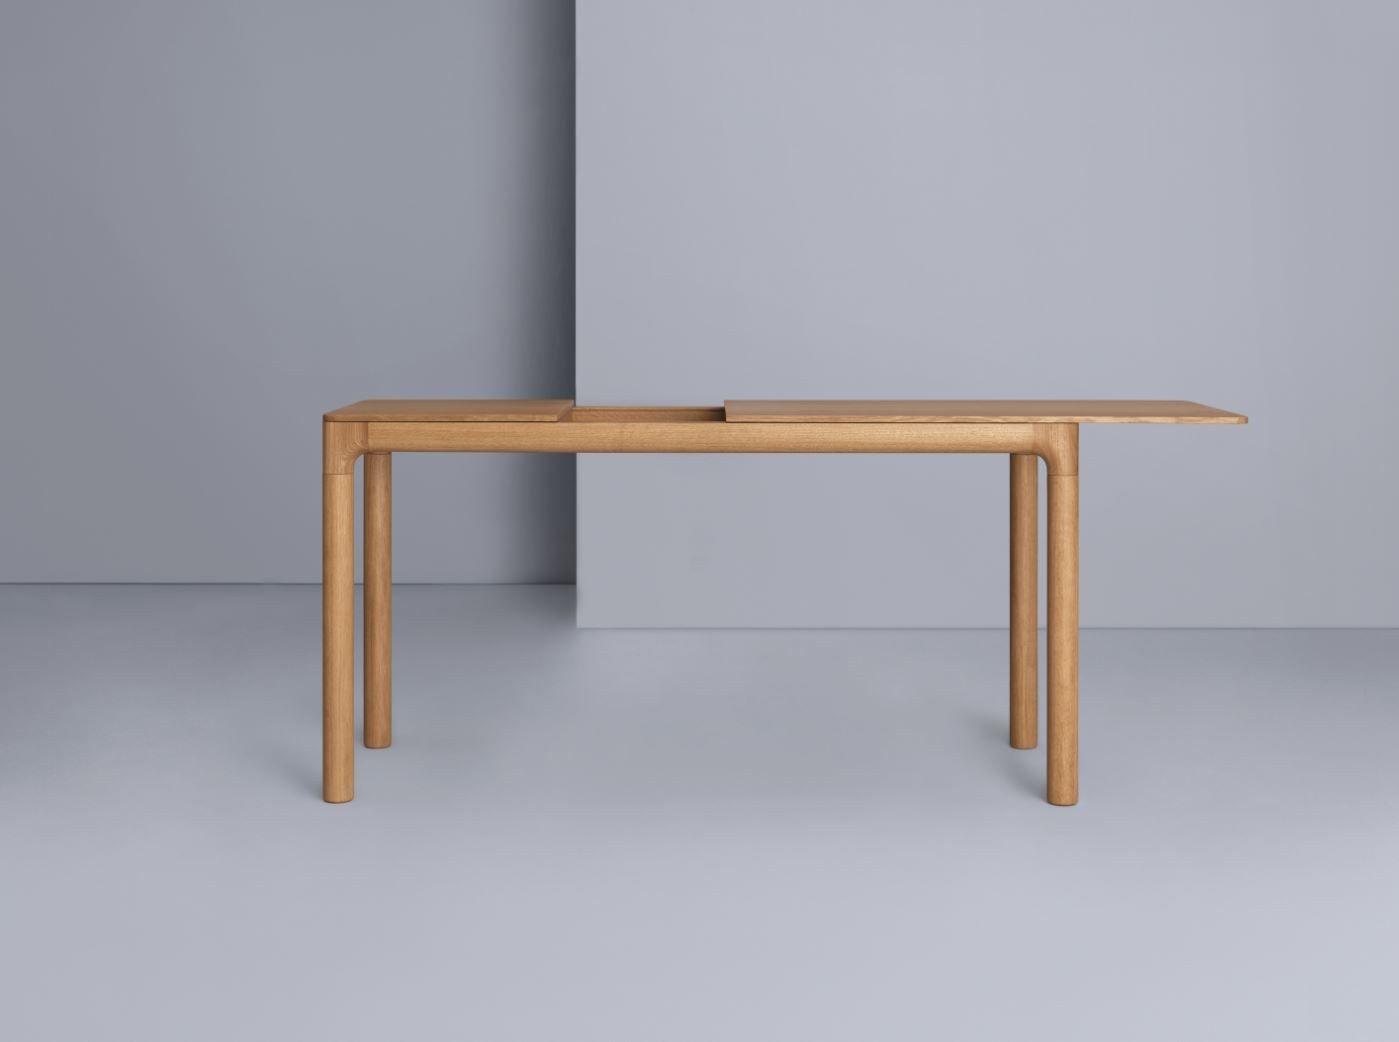 Ausziehbarer rechteckiger tisch aus holz m11 by zeitraum for Ausziehbarer tisch